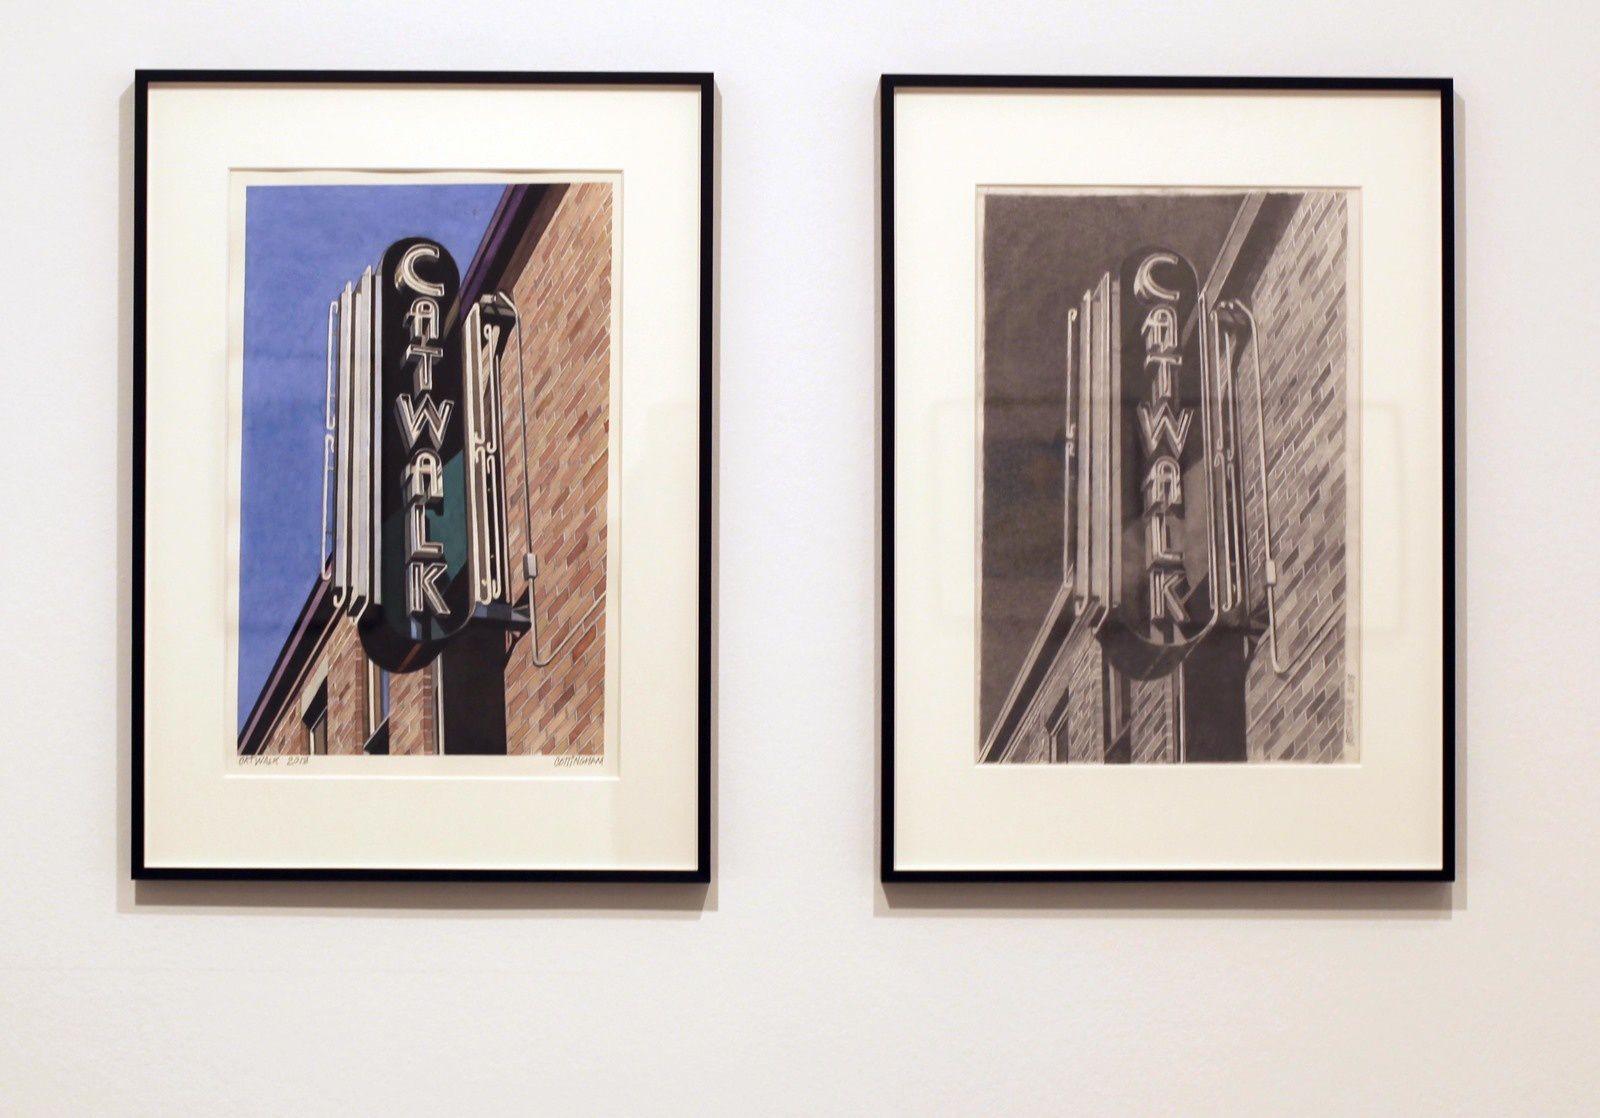 """""""Catwalk"""", 2018 et """"Catwalk"""", 2018 de Robert COTTINGHAM - Courtesy Galerie Georges-Philippe & Nathalie Vallois © Photo Éric Simon"""